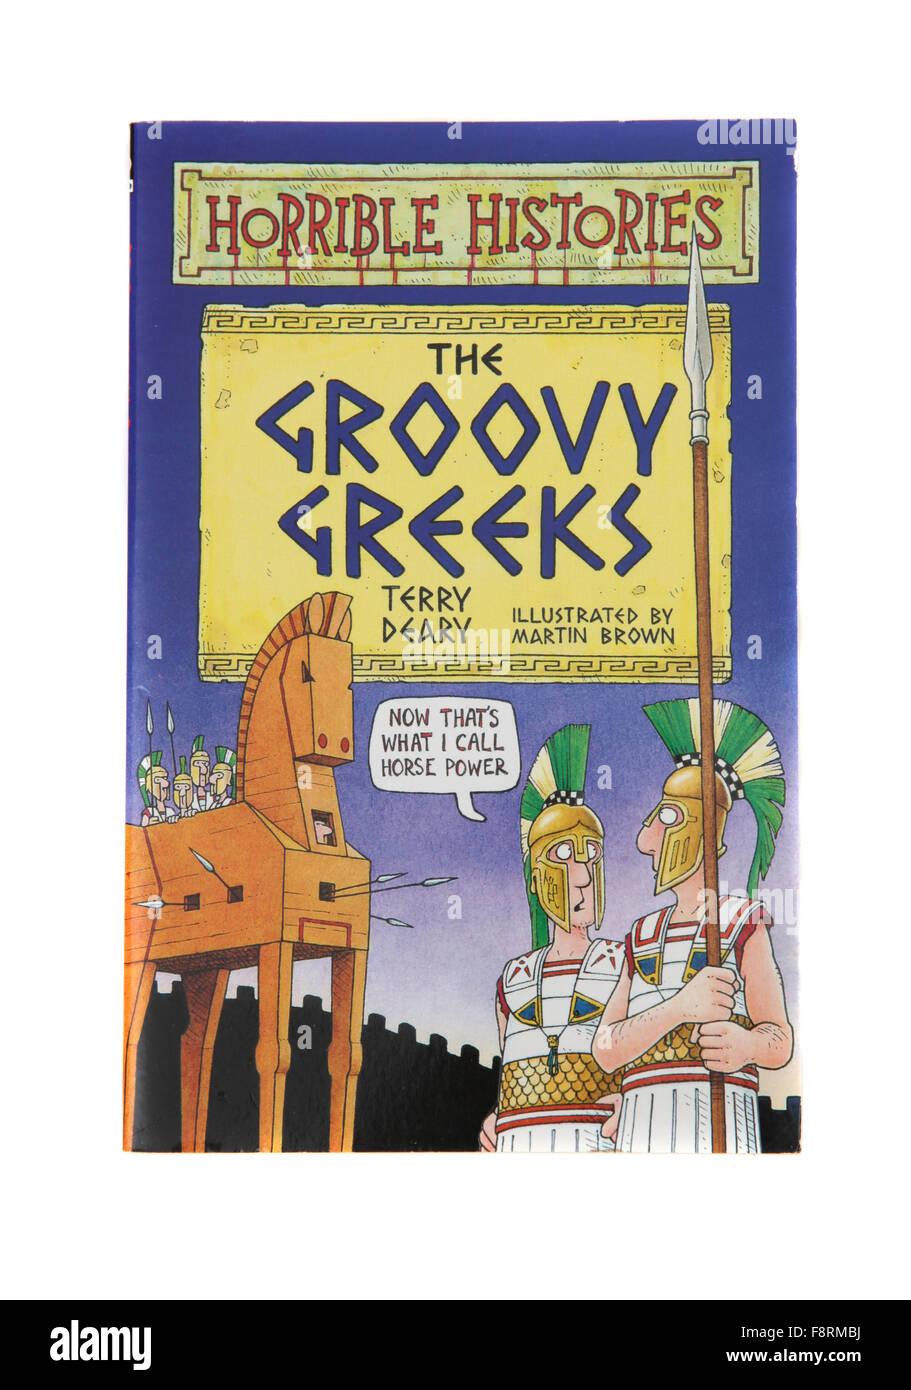 Das Buch The Groovy Griechen aus der Serie von schrecklichen Geschichten von Terry Deary. Stockbild